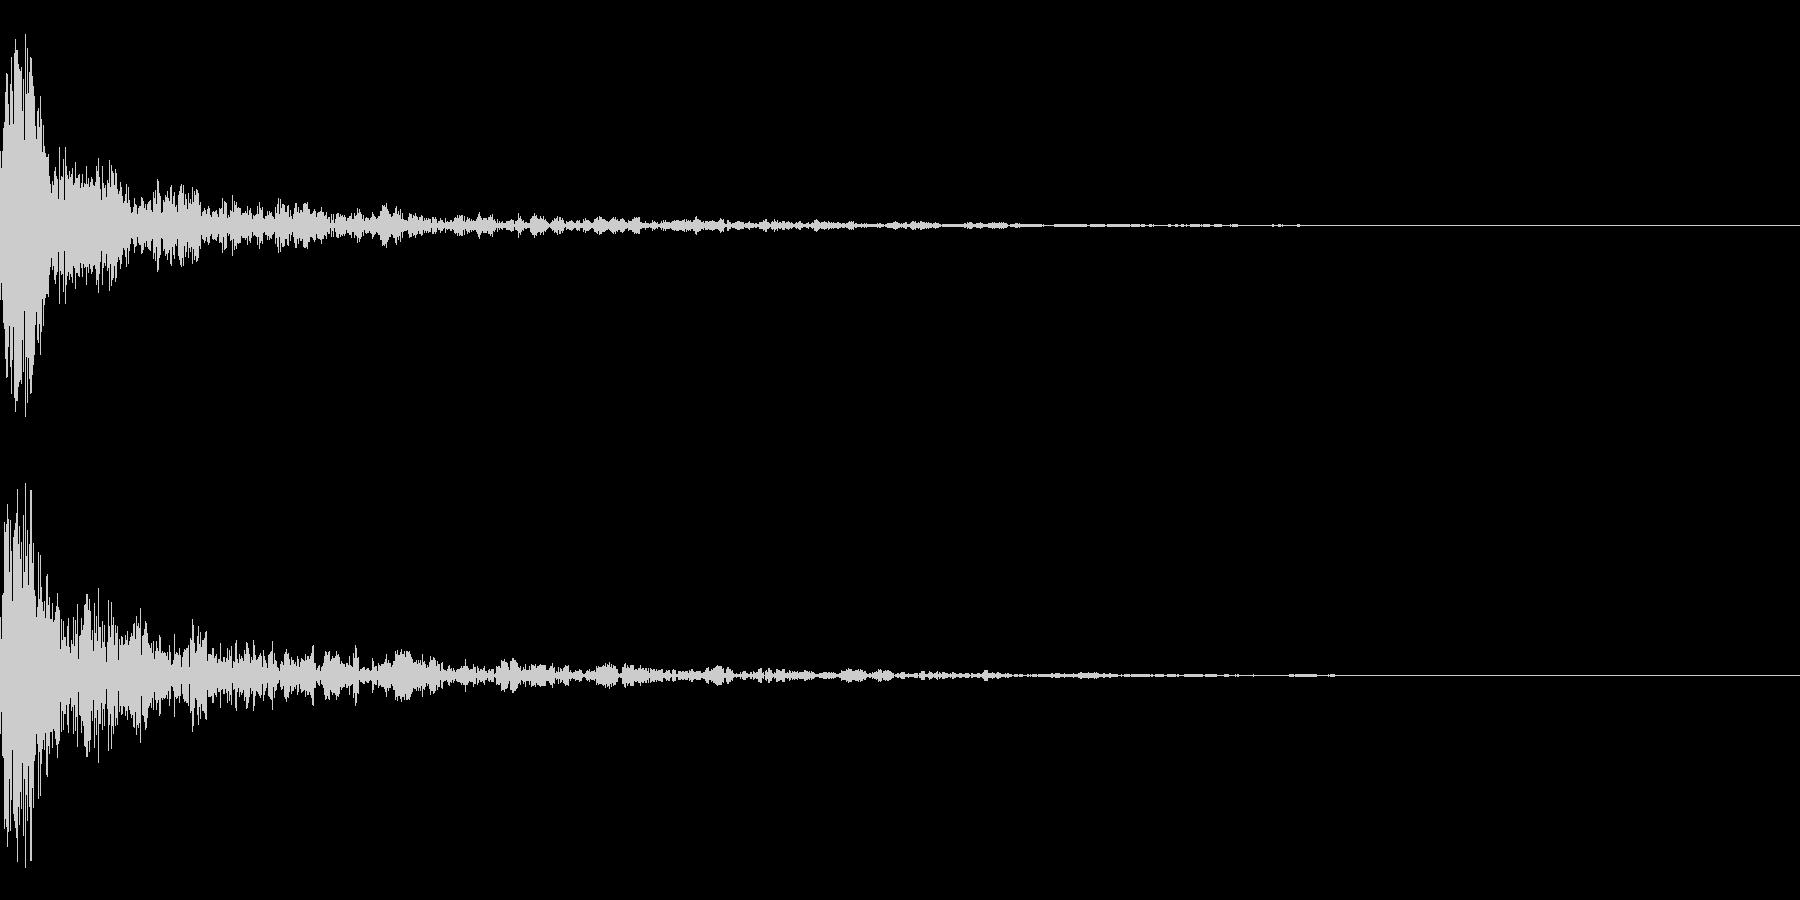 ドーン-21-1 インパクト音)の未再生の波形